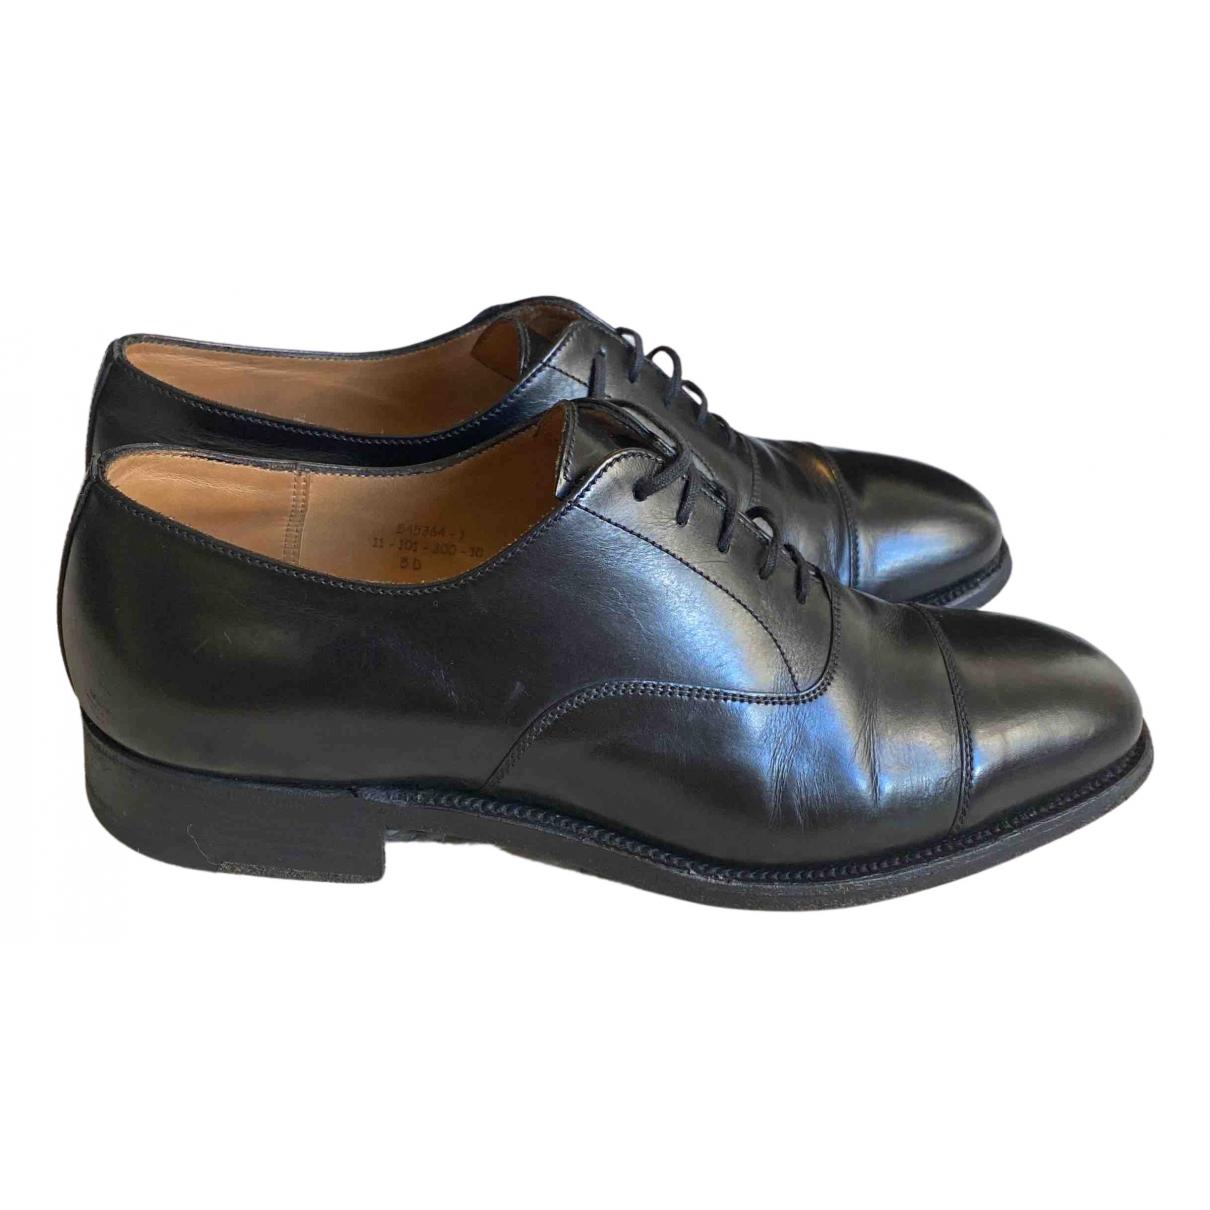 Jm Weston - Derbies   pour femme en cuir - noir